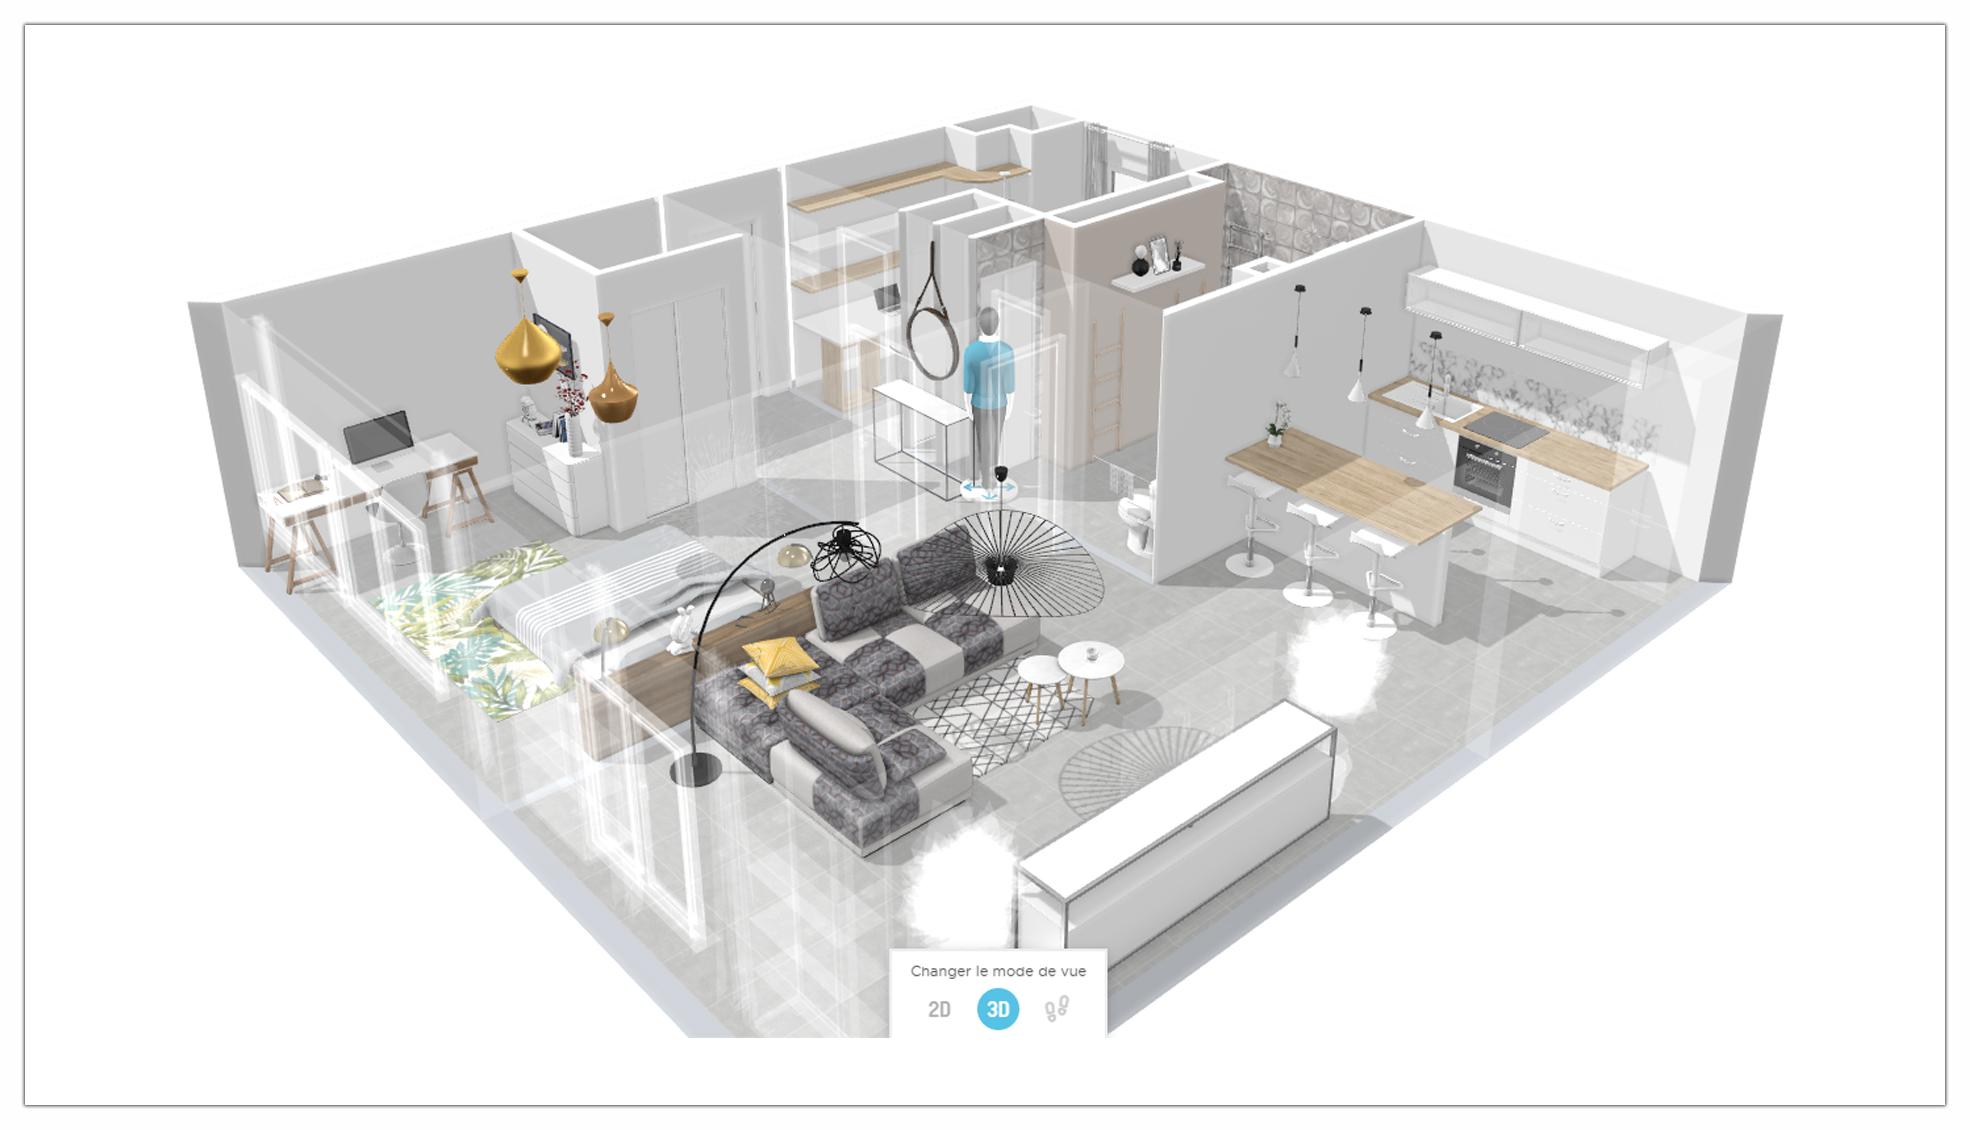 Le schémas 3D vue d'ensemble